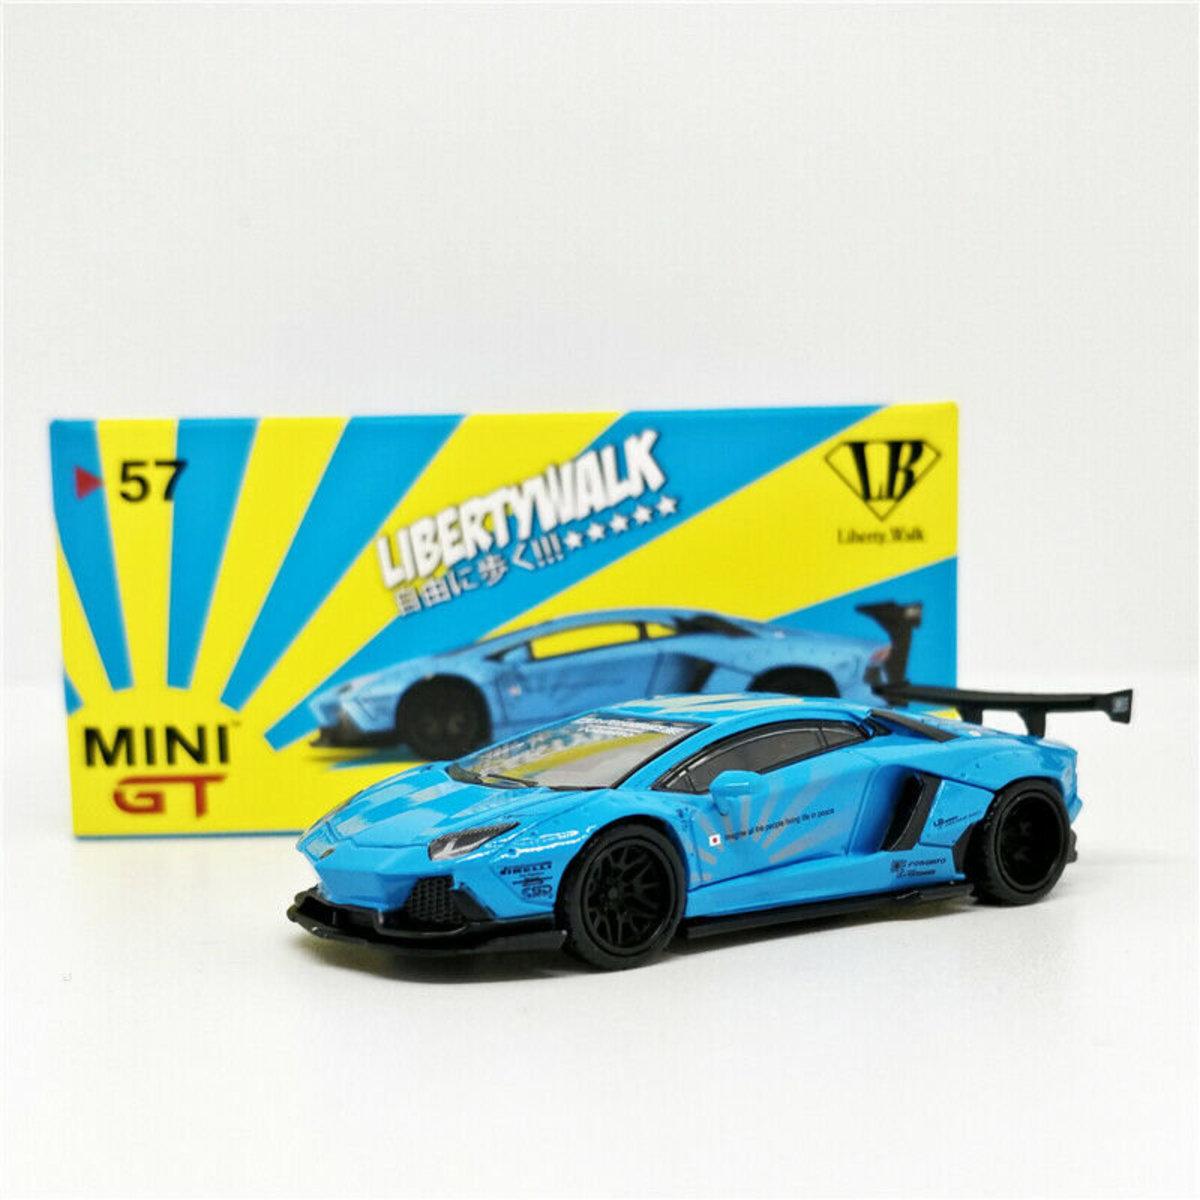 TINY MINI GT 1/64 AMGT00057-R LB WORKS L